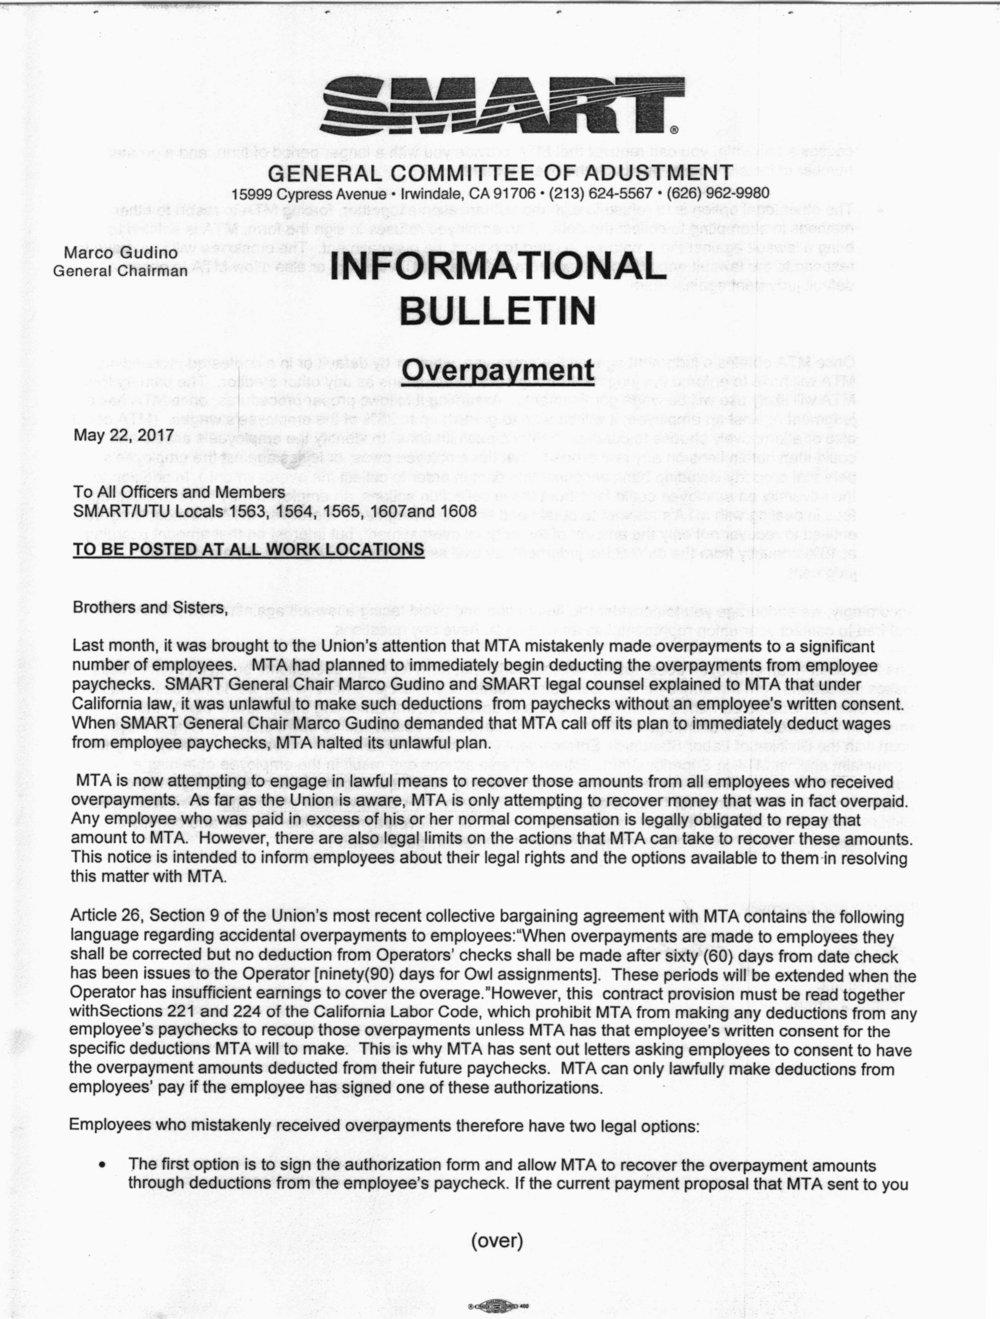 overtime -bulletin05222017_0001-1.jpg